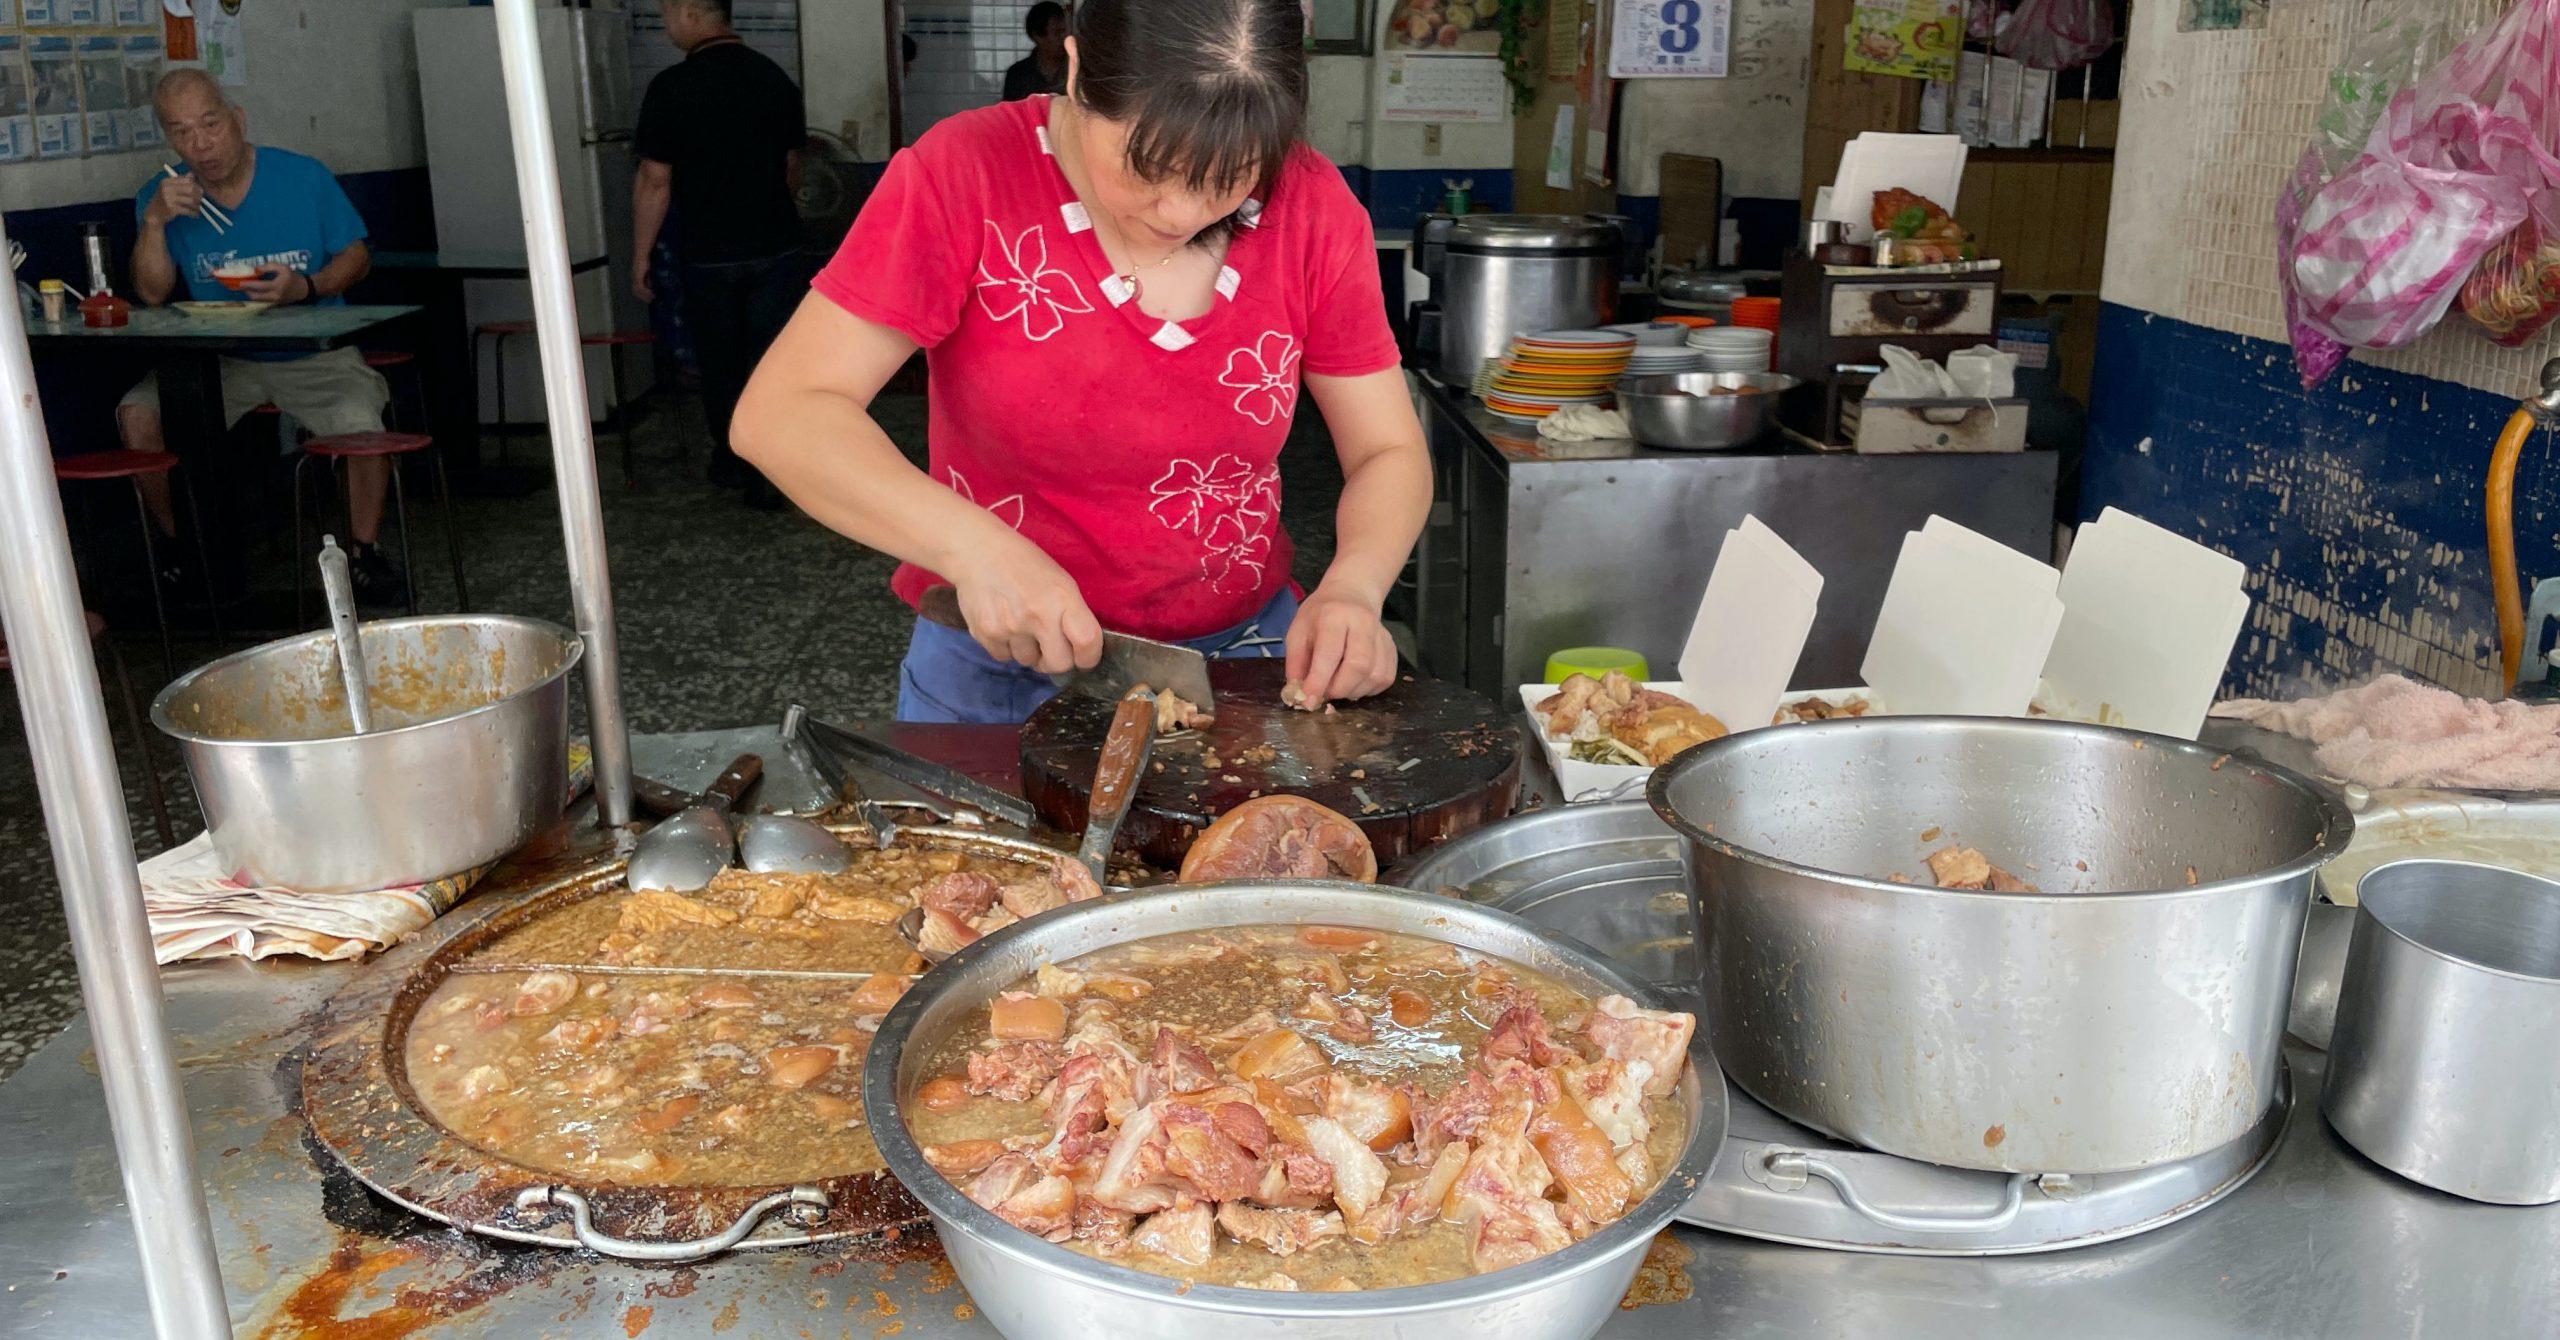 即時熱門文章:【三重美食】阿發豬腳,台北橋站超人氣三重豬腳推薦